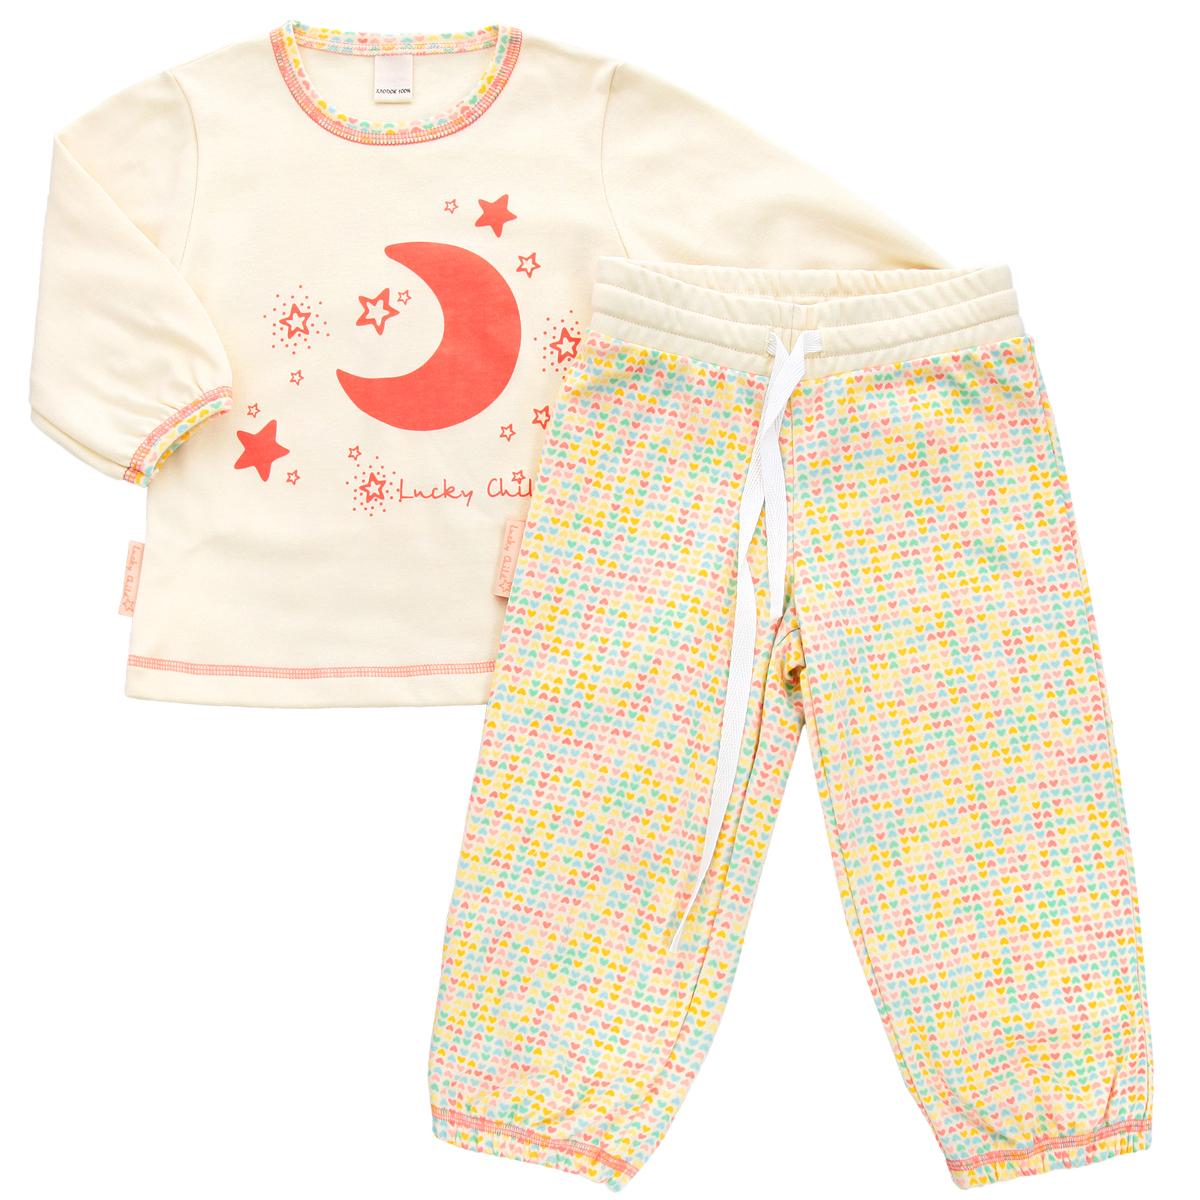 Пижама для девочки Lucky Child, цвет: кремовый, желтый, оранжевый. 12-400. Размер 110/11612-400Очаровательная пижама для девочки Lucky Child, состоящая из футболки с длинным рукавом и брюк, идеально подойдет вашей дочурке и станет отличным дополнением к детскому гардеробу. Изготовленная из натурального хлопка - интерлока, она необычайно мягкая и приятная на ощупь, не раздражает нежную кожу ребенка и хорошо вентилируется, а эластичные швы приятны телу и не препятствуют его движениям.Футболка трапециевидного кроя с длинными рукавами и круглым вырезом горловины оформлена спереди оригинальной термоаппликацией в виде месяца, а также изображением звездочек и названием бренда. Горловина и низ рукавов оформлены принтом с мелким изображением сердечек. Низ изделия оформлен контрастной фигурной прострочкой. Брюки на талии имеют широкий эластичный пояс со шнурком, благодаря чему они не сдавливают животик ребенка и не сползают. Низ брючин присборен на эластичные резинки. Оформлены брюки принтом с мелким изображением сердечек по всей поверхности. Такая пижама идеально подойдет вашей дочурке, а мягкие полотна позволят ей комфортно чувствовать себя во время сна!